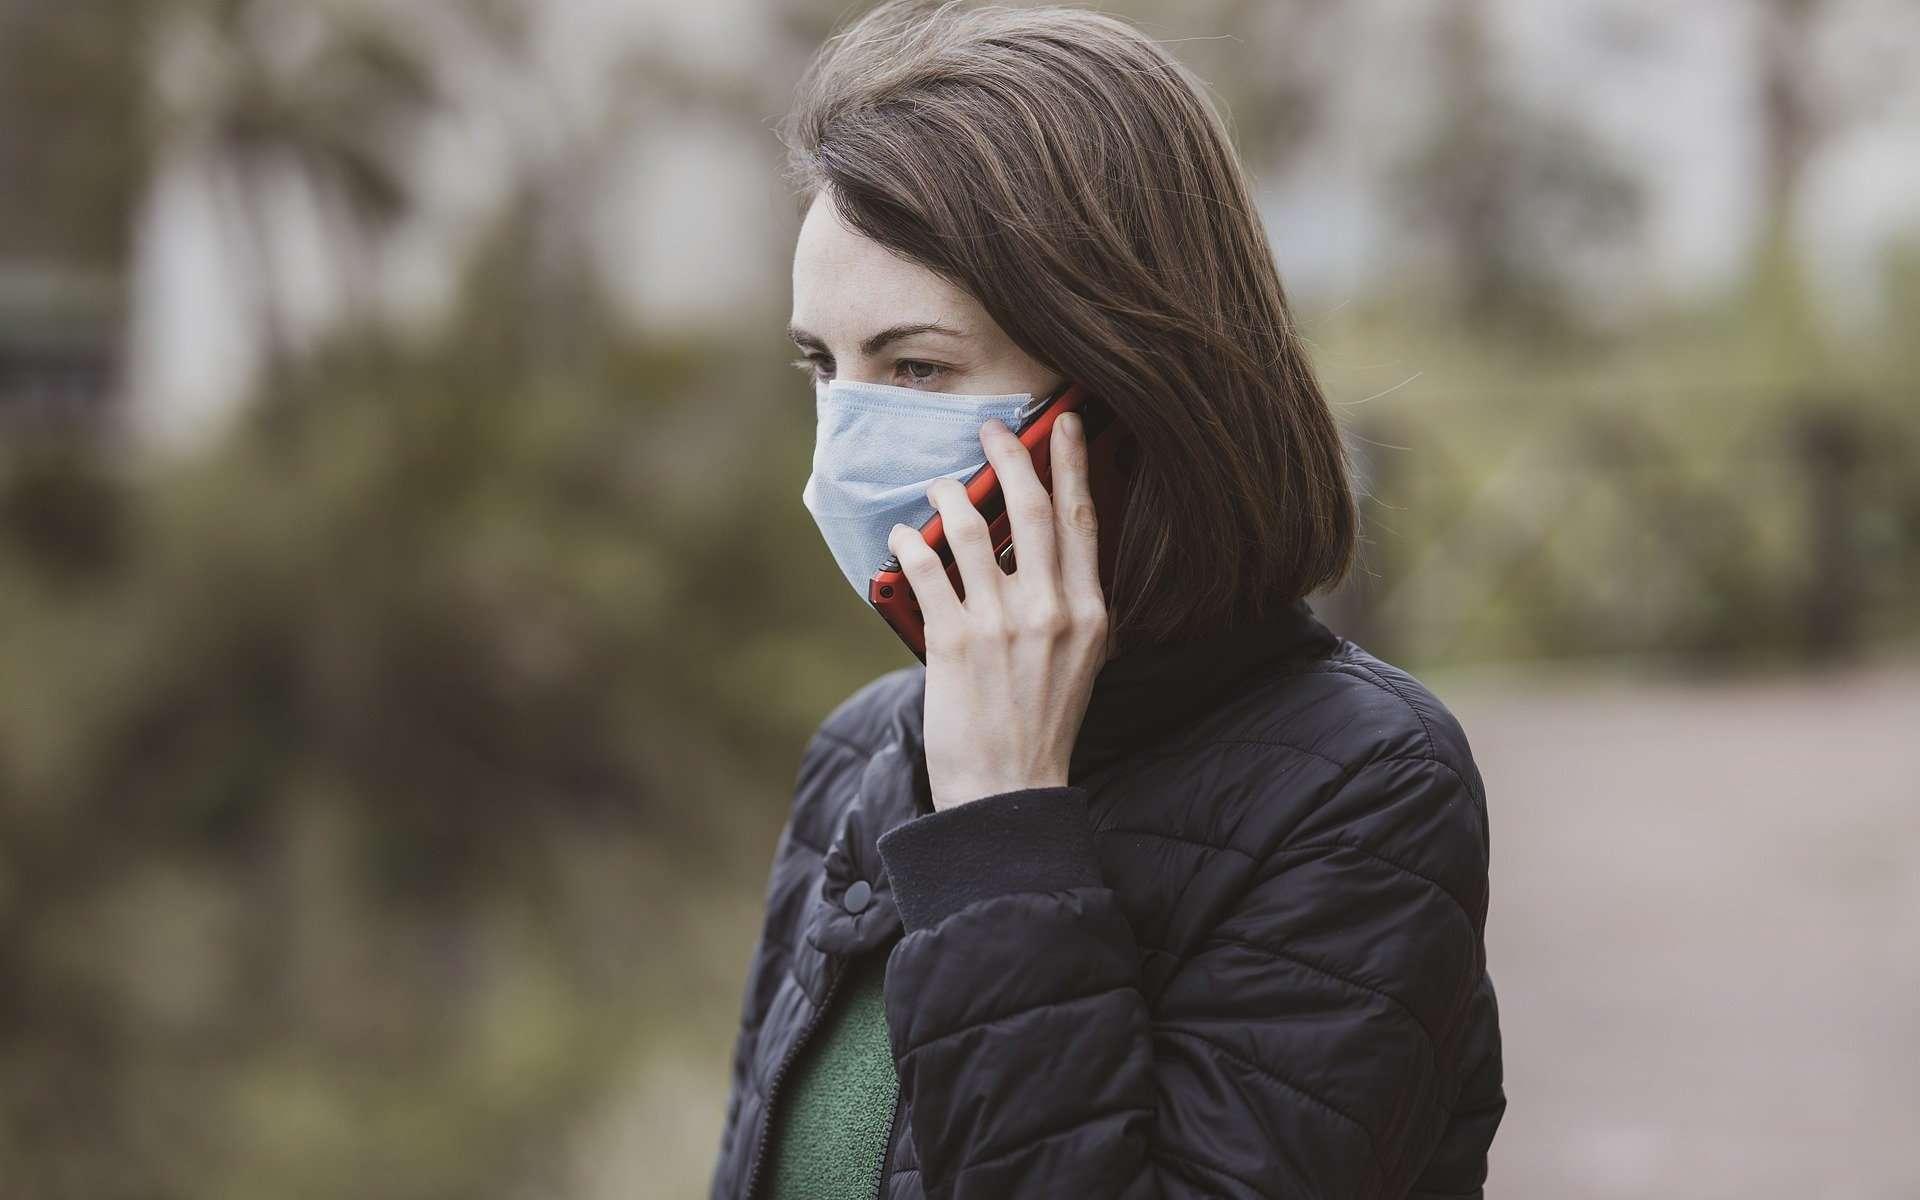 Toux, fièvre, maux de tête... En cas de doute, on peut appeler un numéro national 0 806 800 540 pour avoir un premier diagnostic. © Engin Akyurt / Pixabay